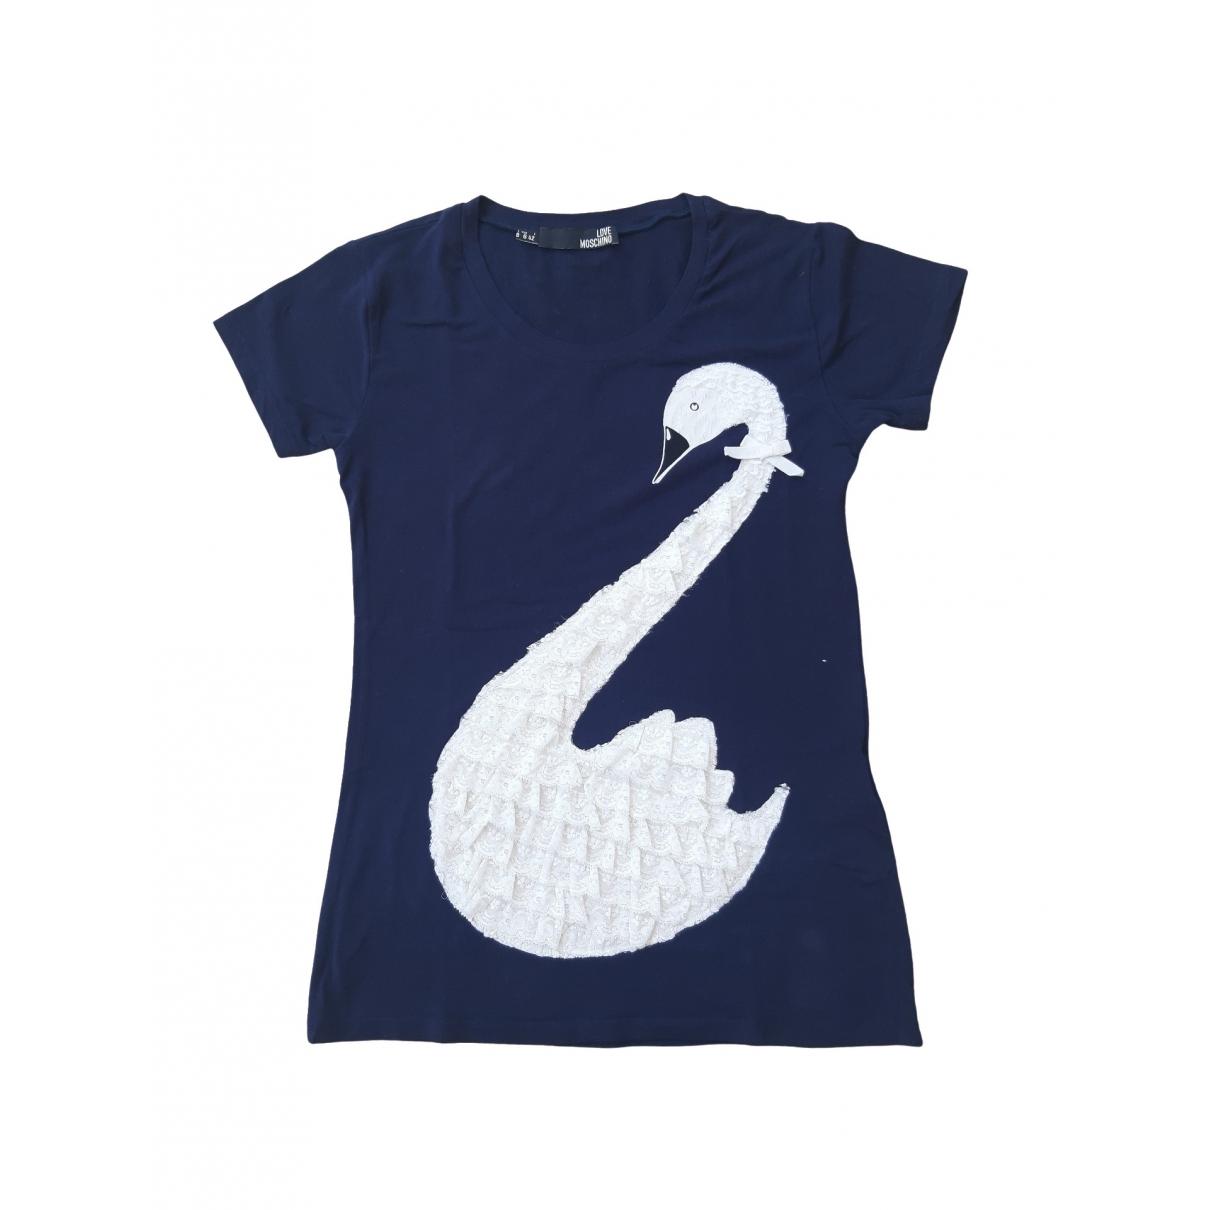 Moschino Love - Tee shirts   pour homme en coton - bleu